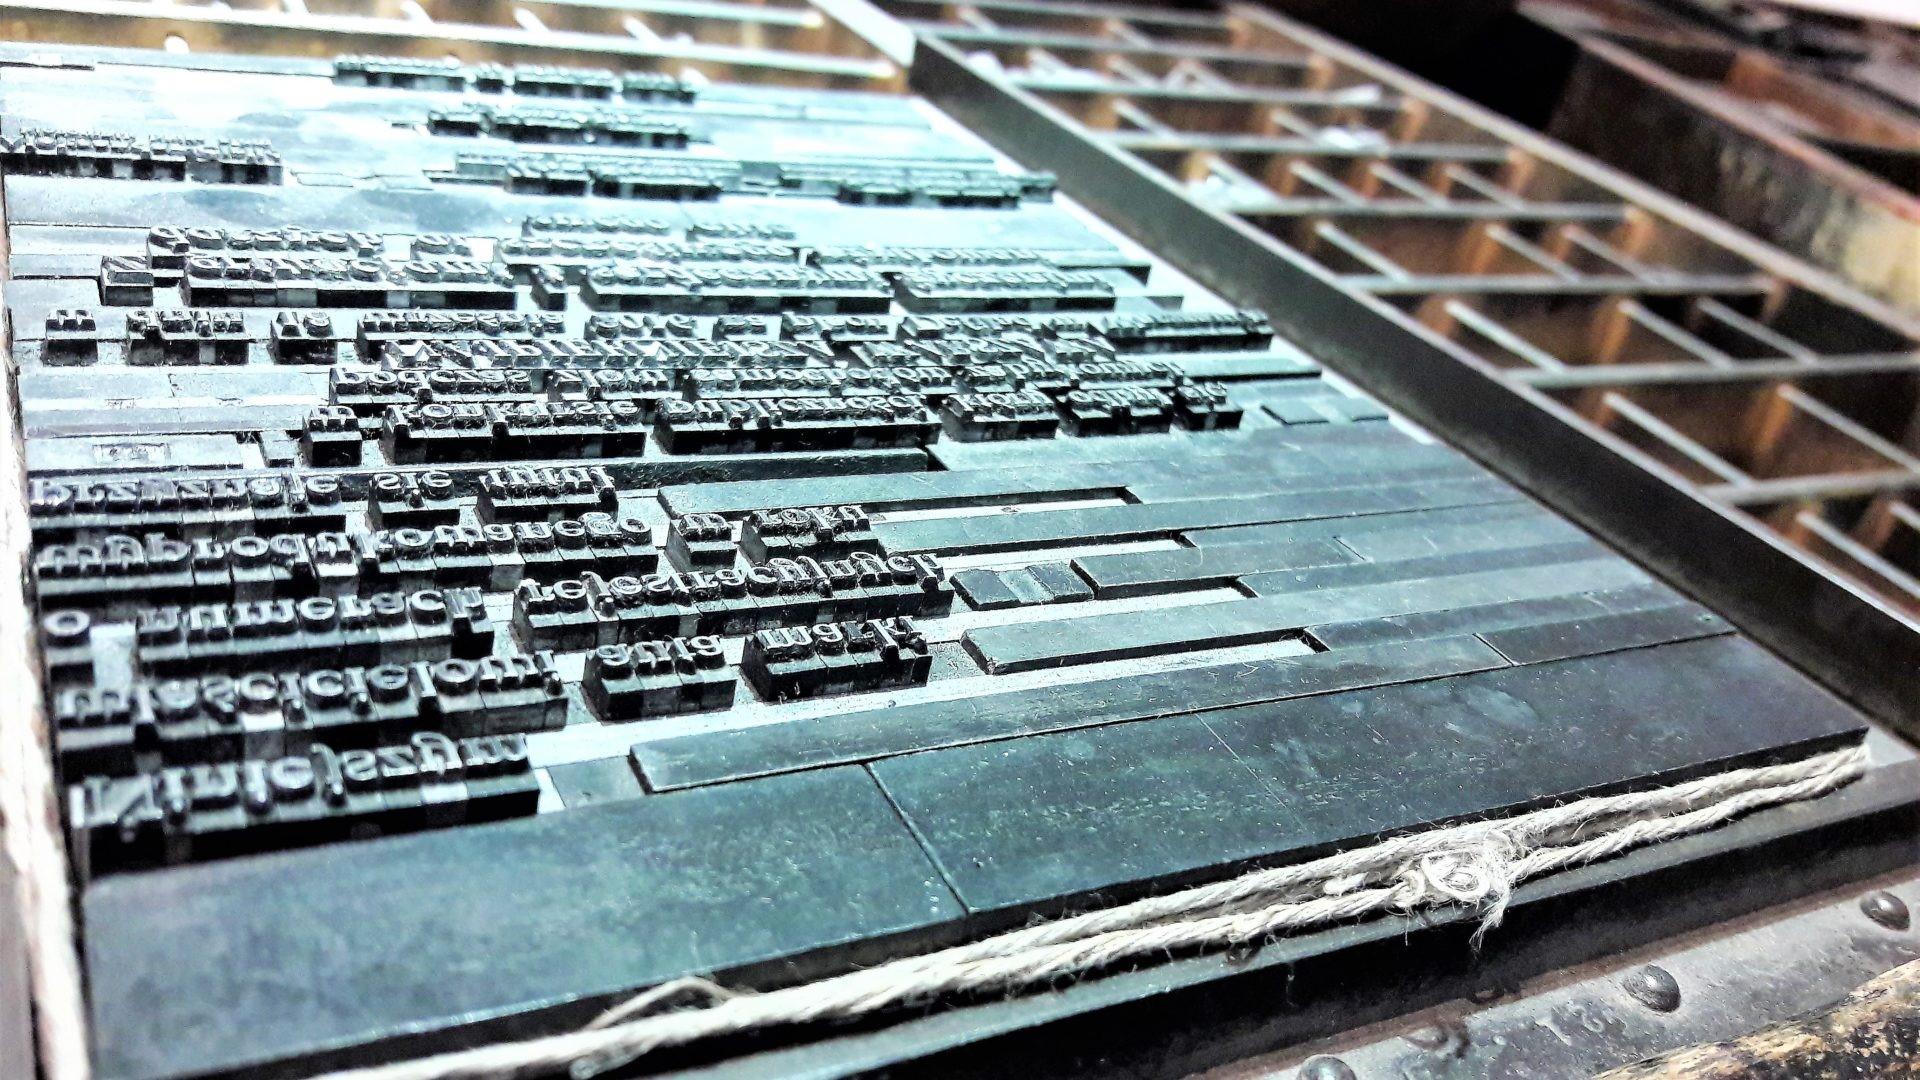 Skład drukarski ułożony na drewnianej szufloramie, związany sznurkiem. Skład przygotowany do druku. Fot. Muzeum Drukarstwa